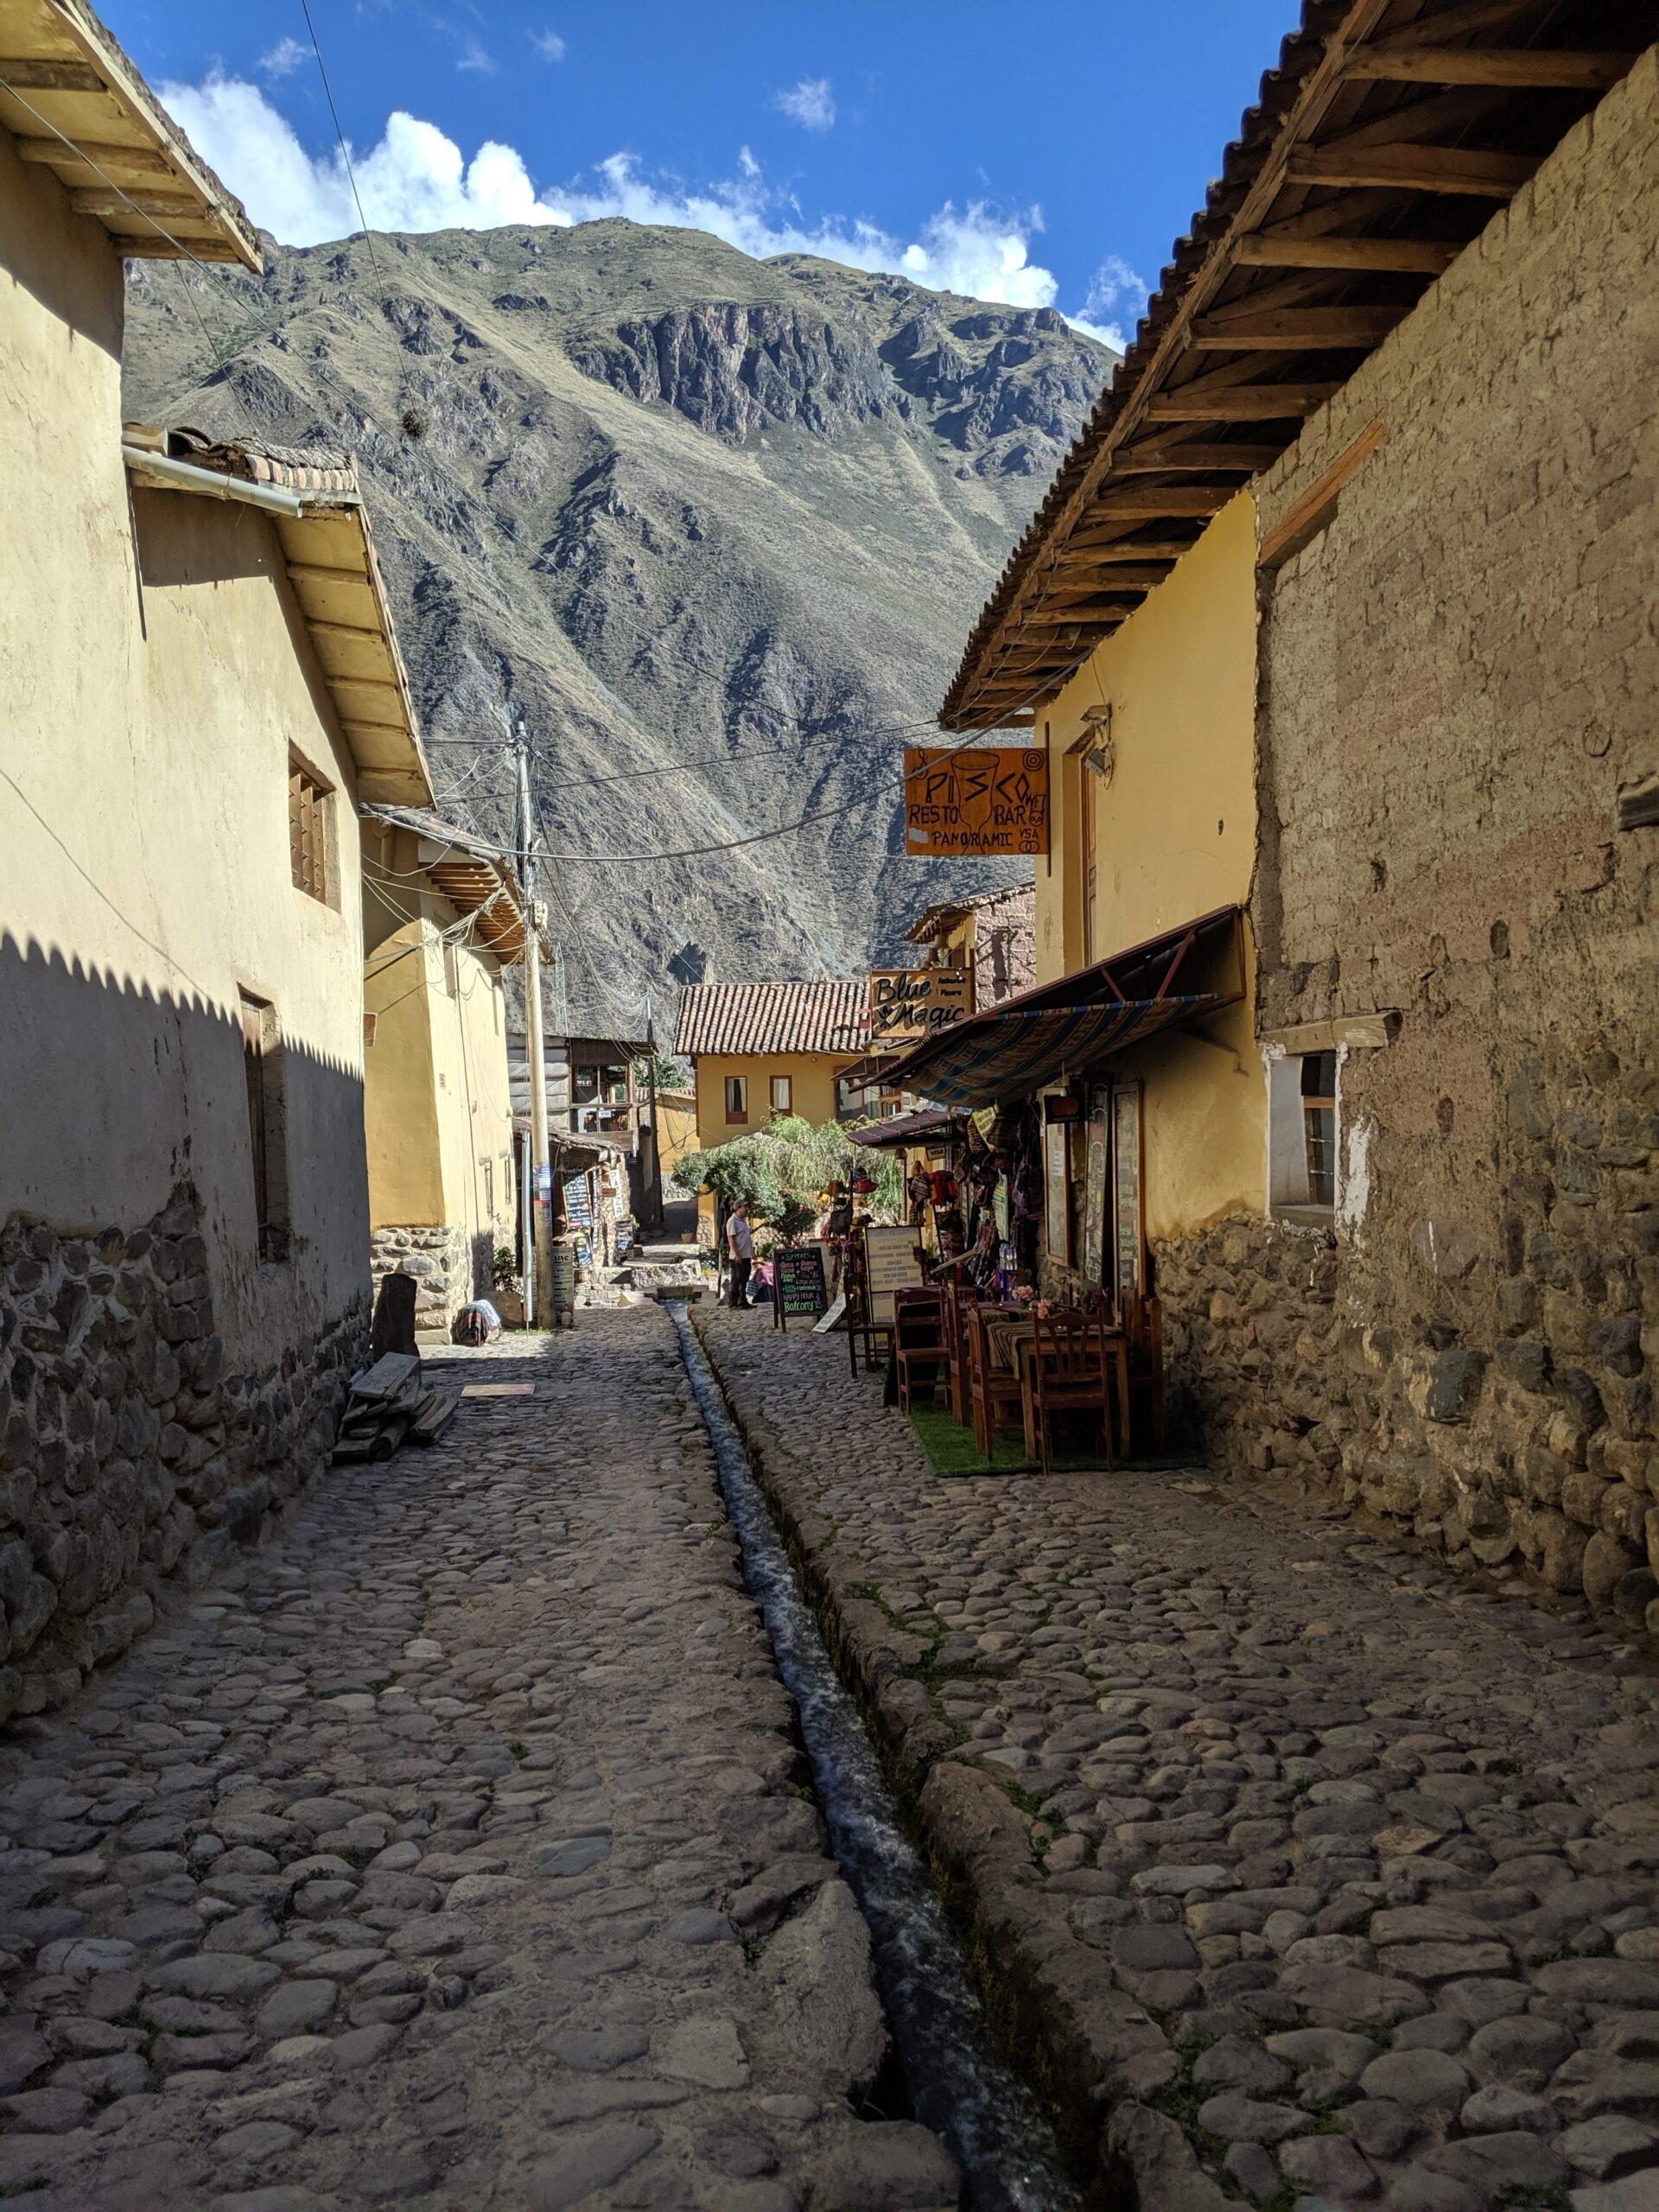 Incan aqueducts still in use in ollantaytambo, peru.